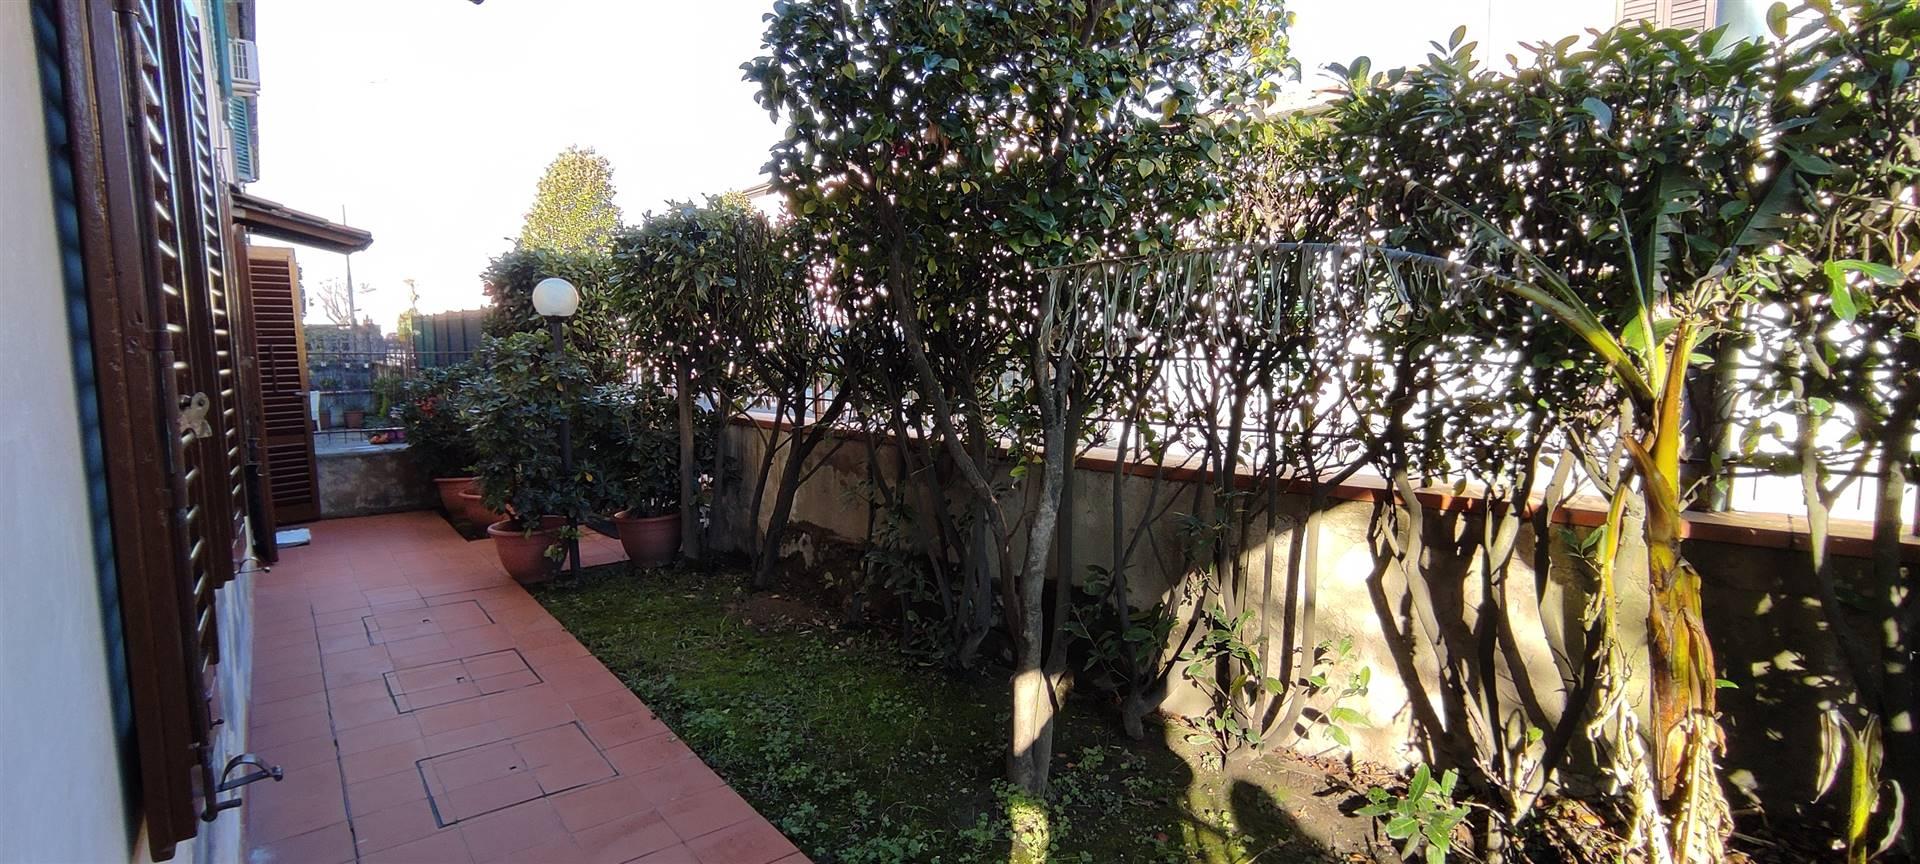 Il giardino frontale